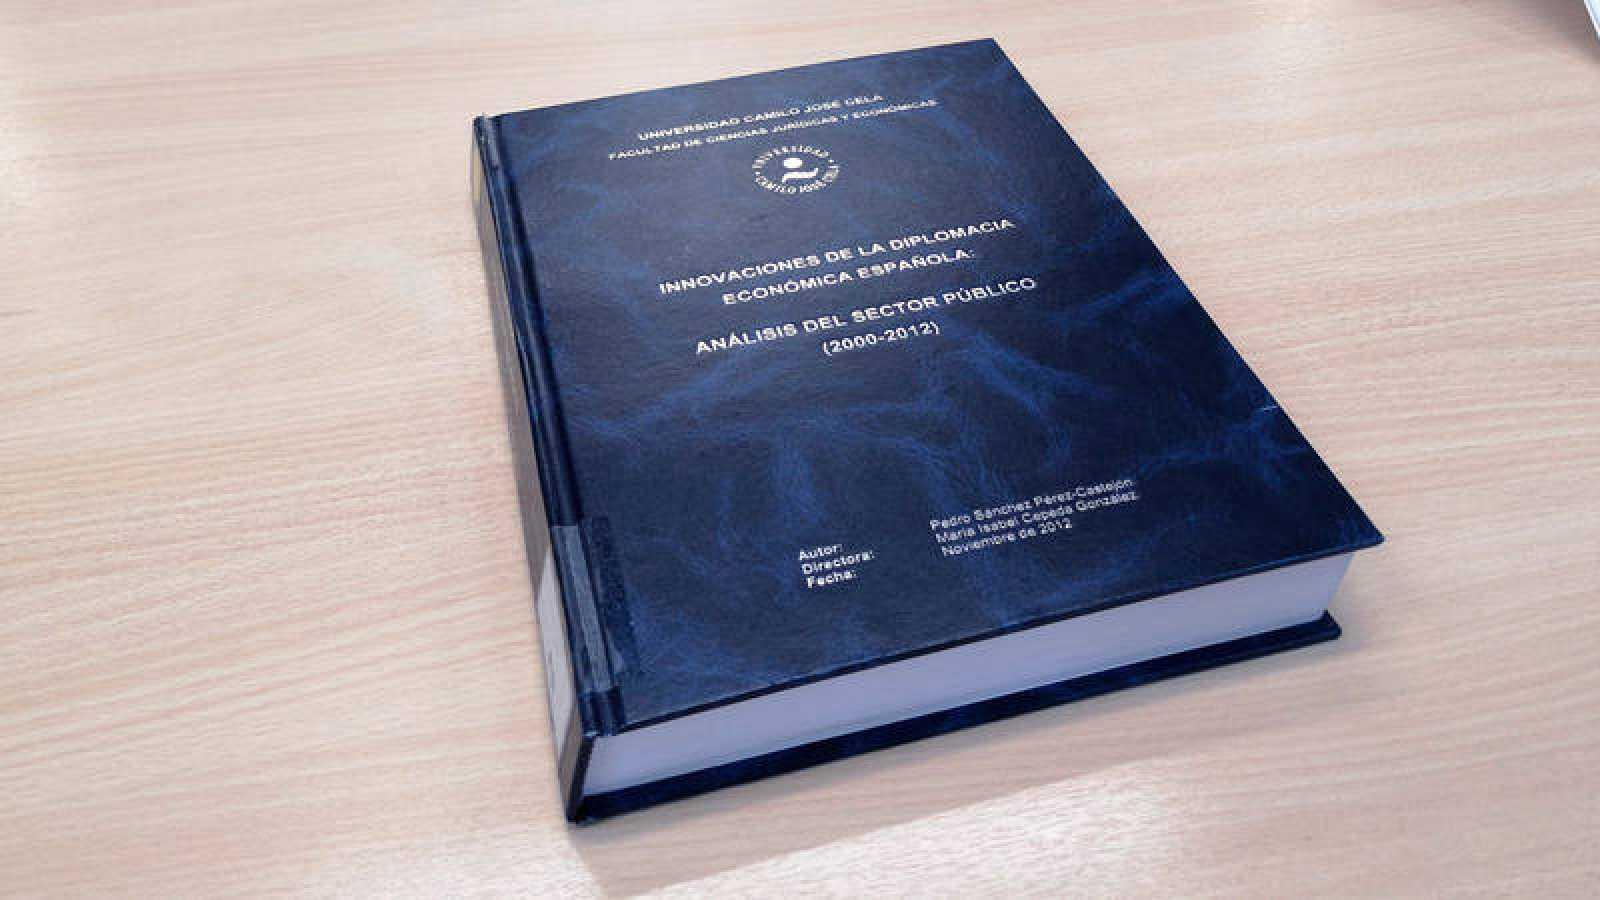 Portada de la tesis doctoral de Pedro Sánchez, que se encuentra en la biblioteca de la Universidad Camilo José Cela, en Madrid.